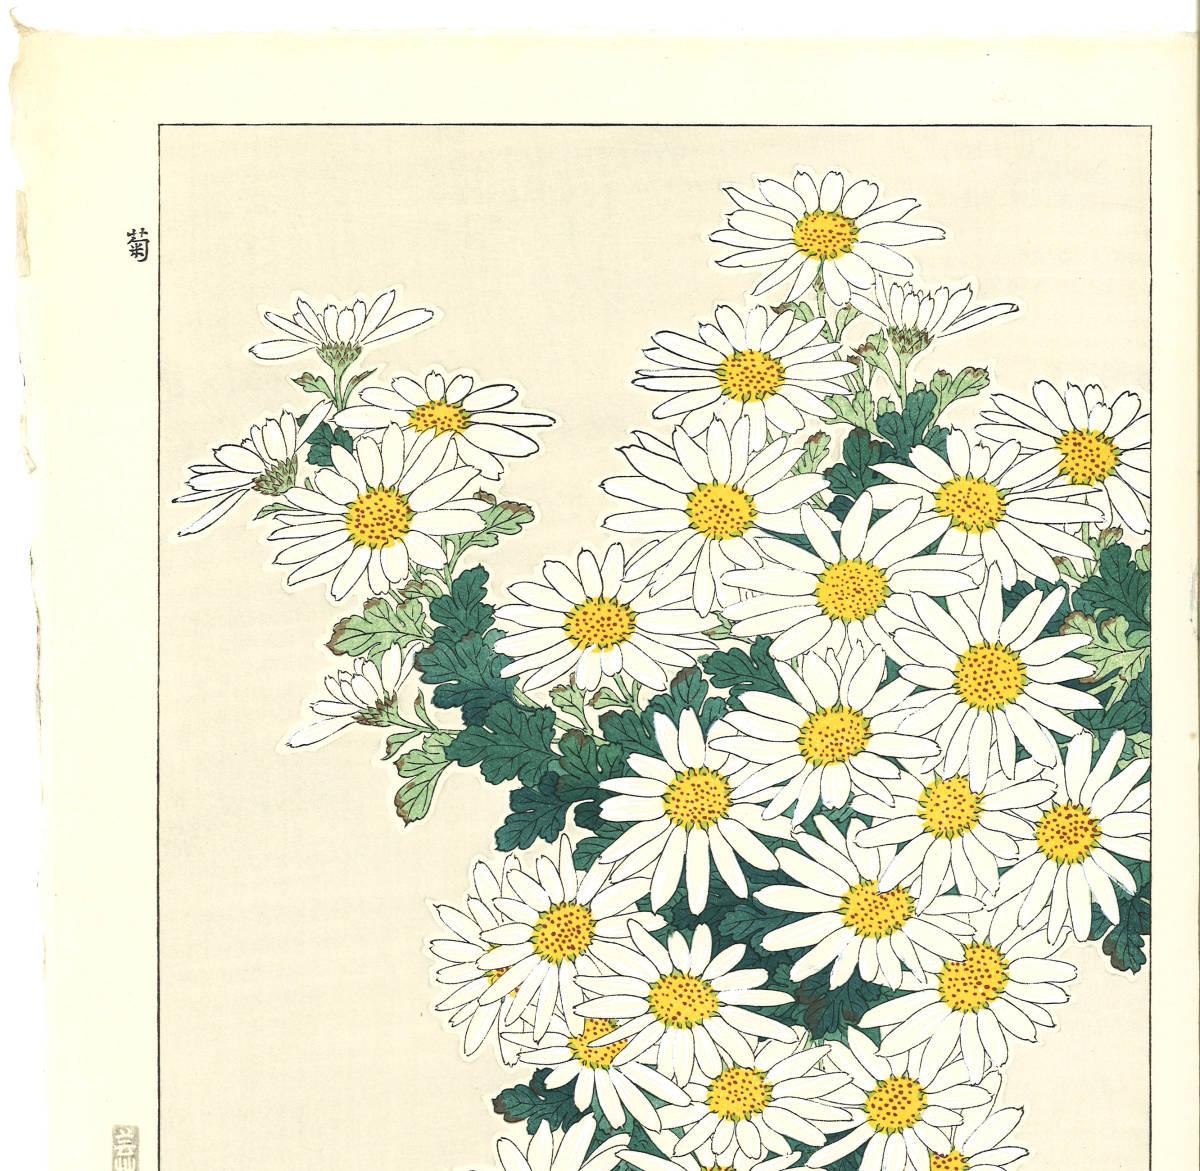 河原崎奨堂 (Kawarazaki Shodo) (1899~1973)木版画 F037 菊 花版画(Chrysanthemum)初版昭和初期~京都の一流の摺師の技をご堪能下さい。_画像3